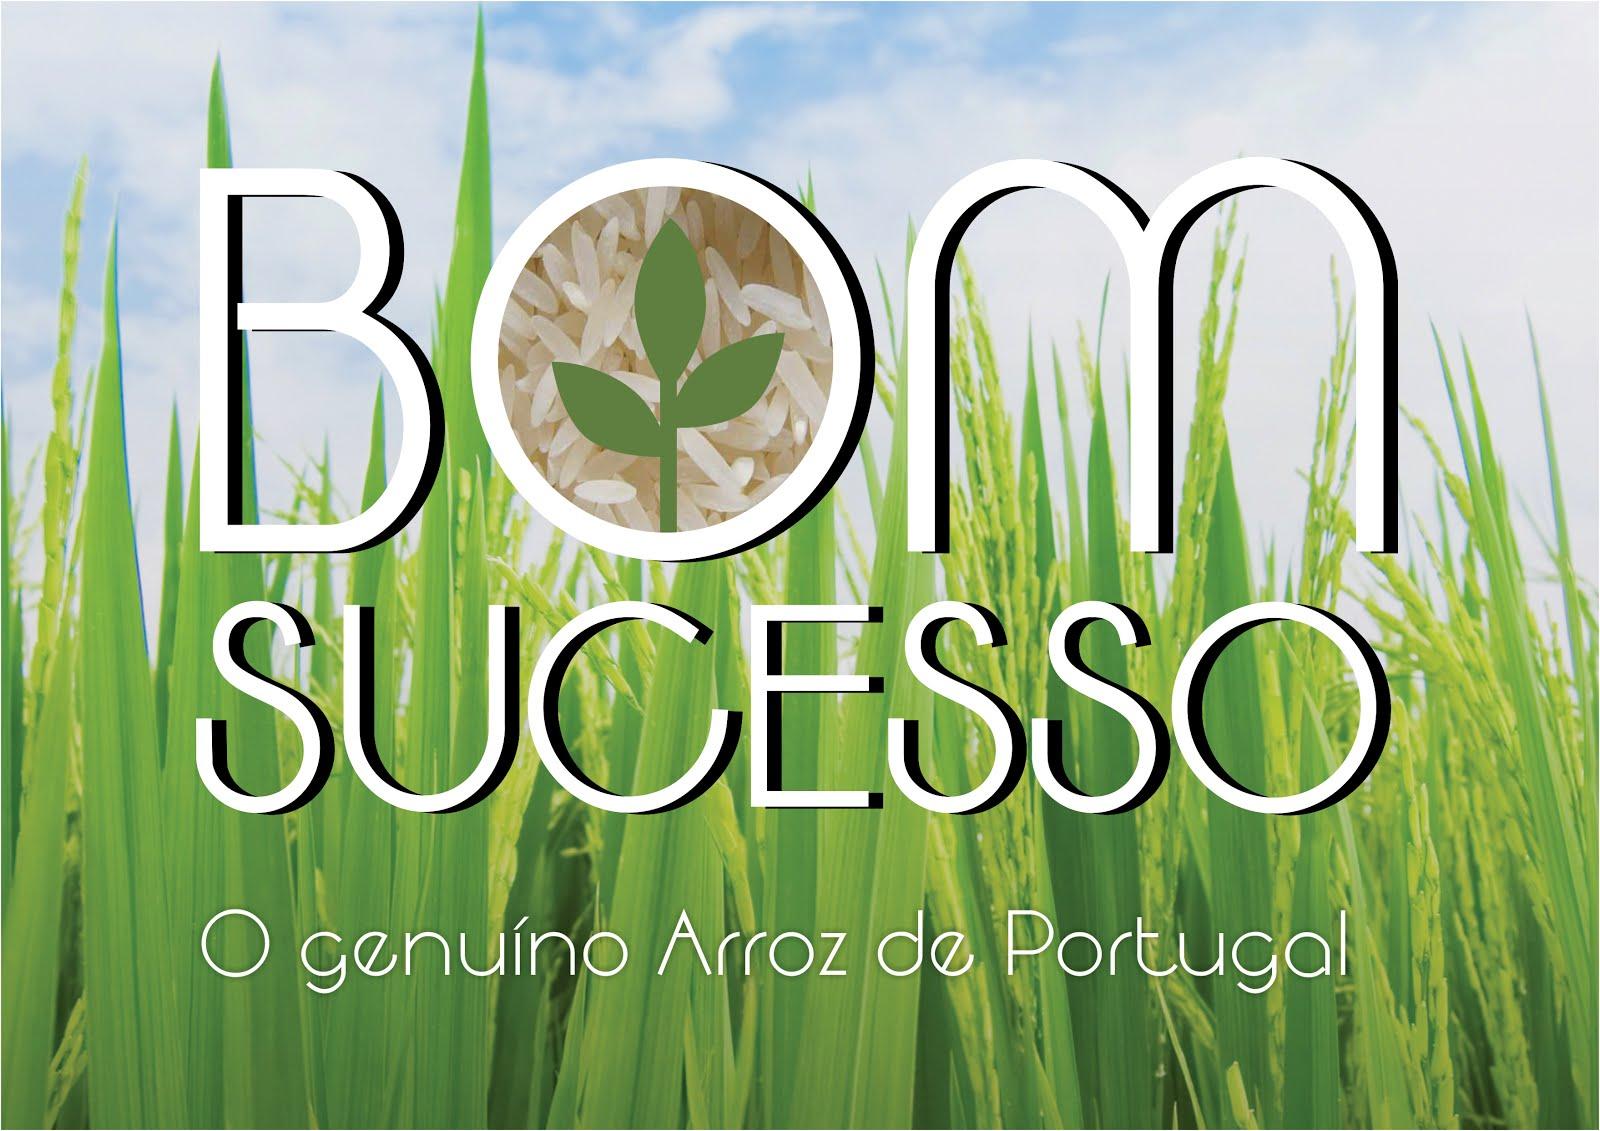 Parceria O melhor Arroz de Portugal